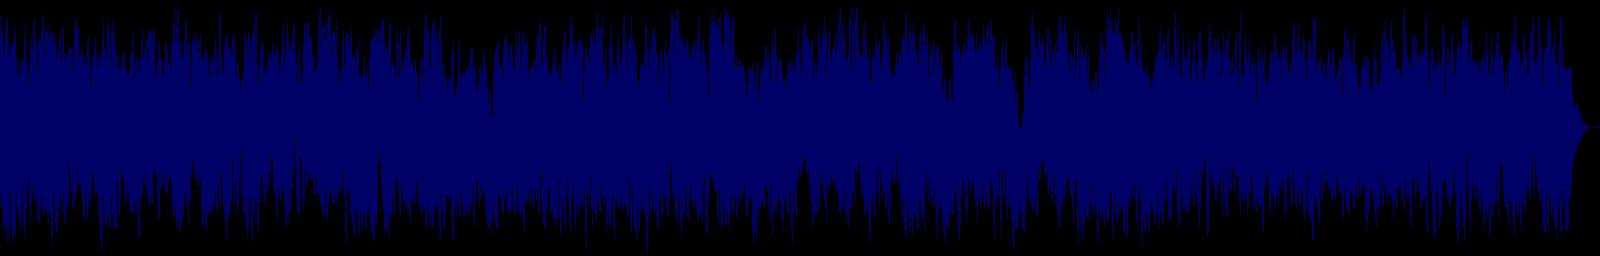 waveform of track #132106